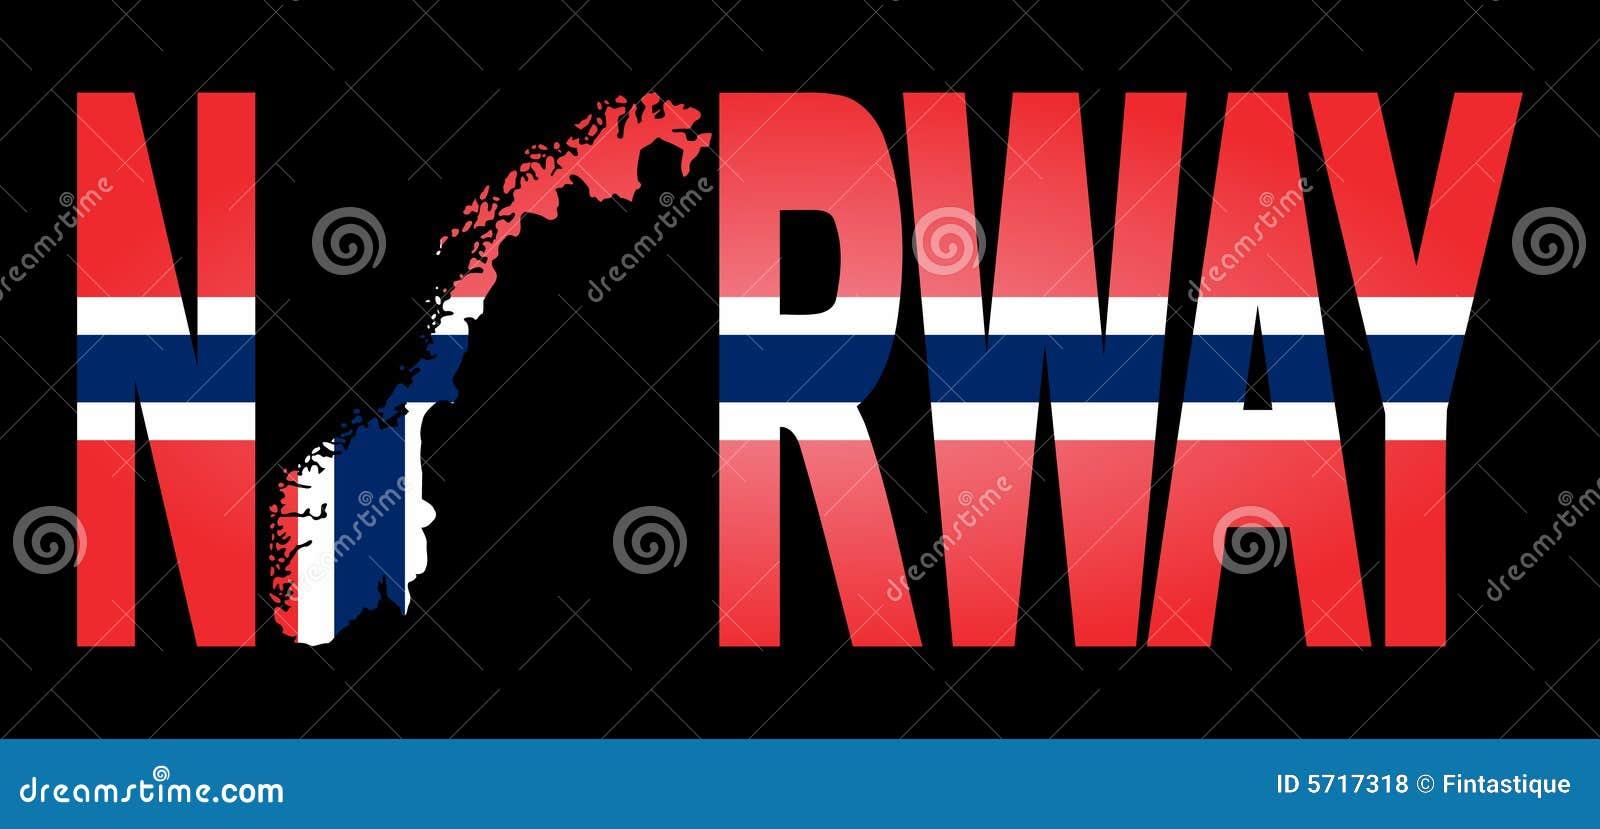 Norway - Norway map free download